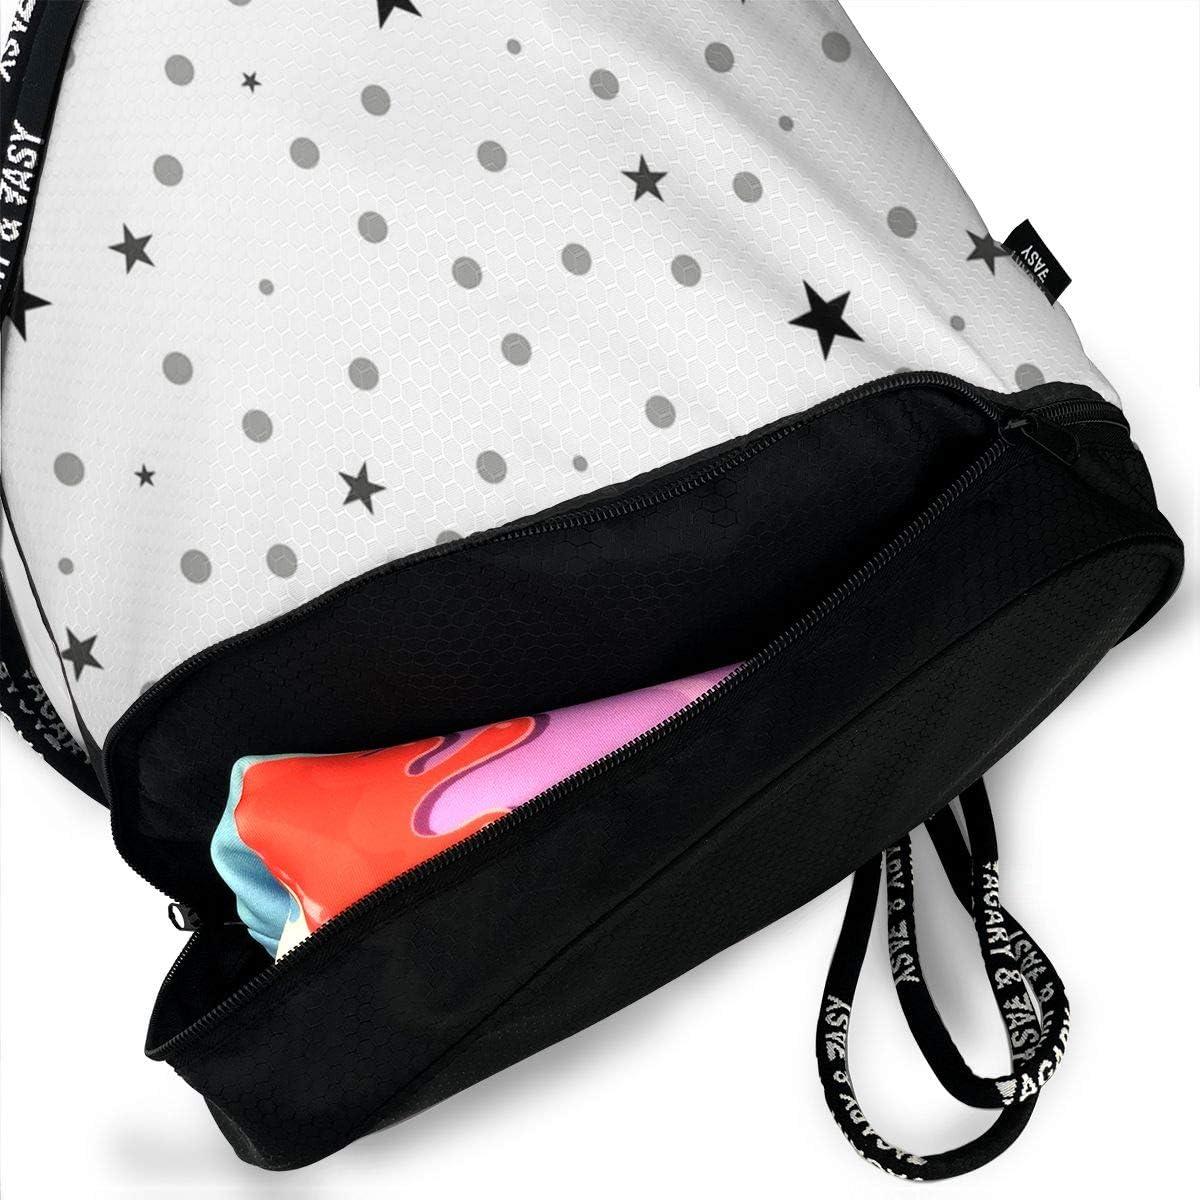 HUOPR5Q Star-dot Drawstring Backpack Sport Gym Sack Shoulder Bulk Bag Dance Bag for School Travel